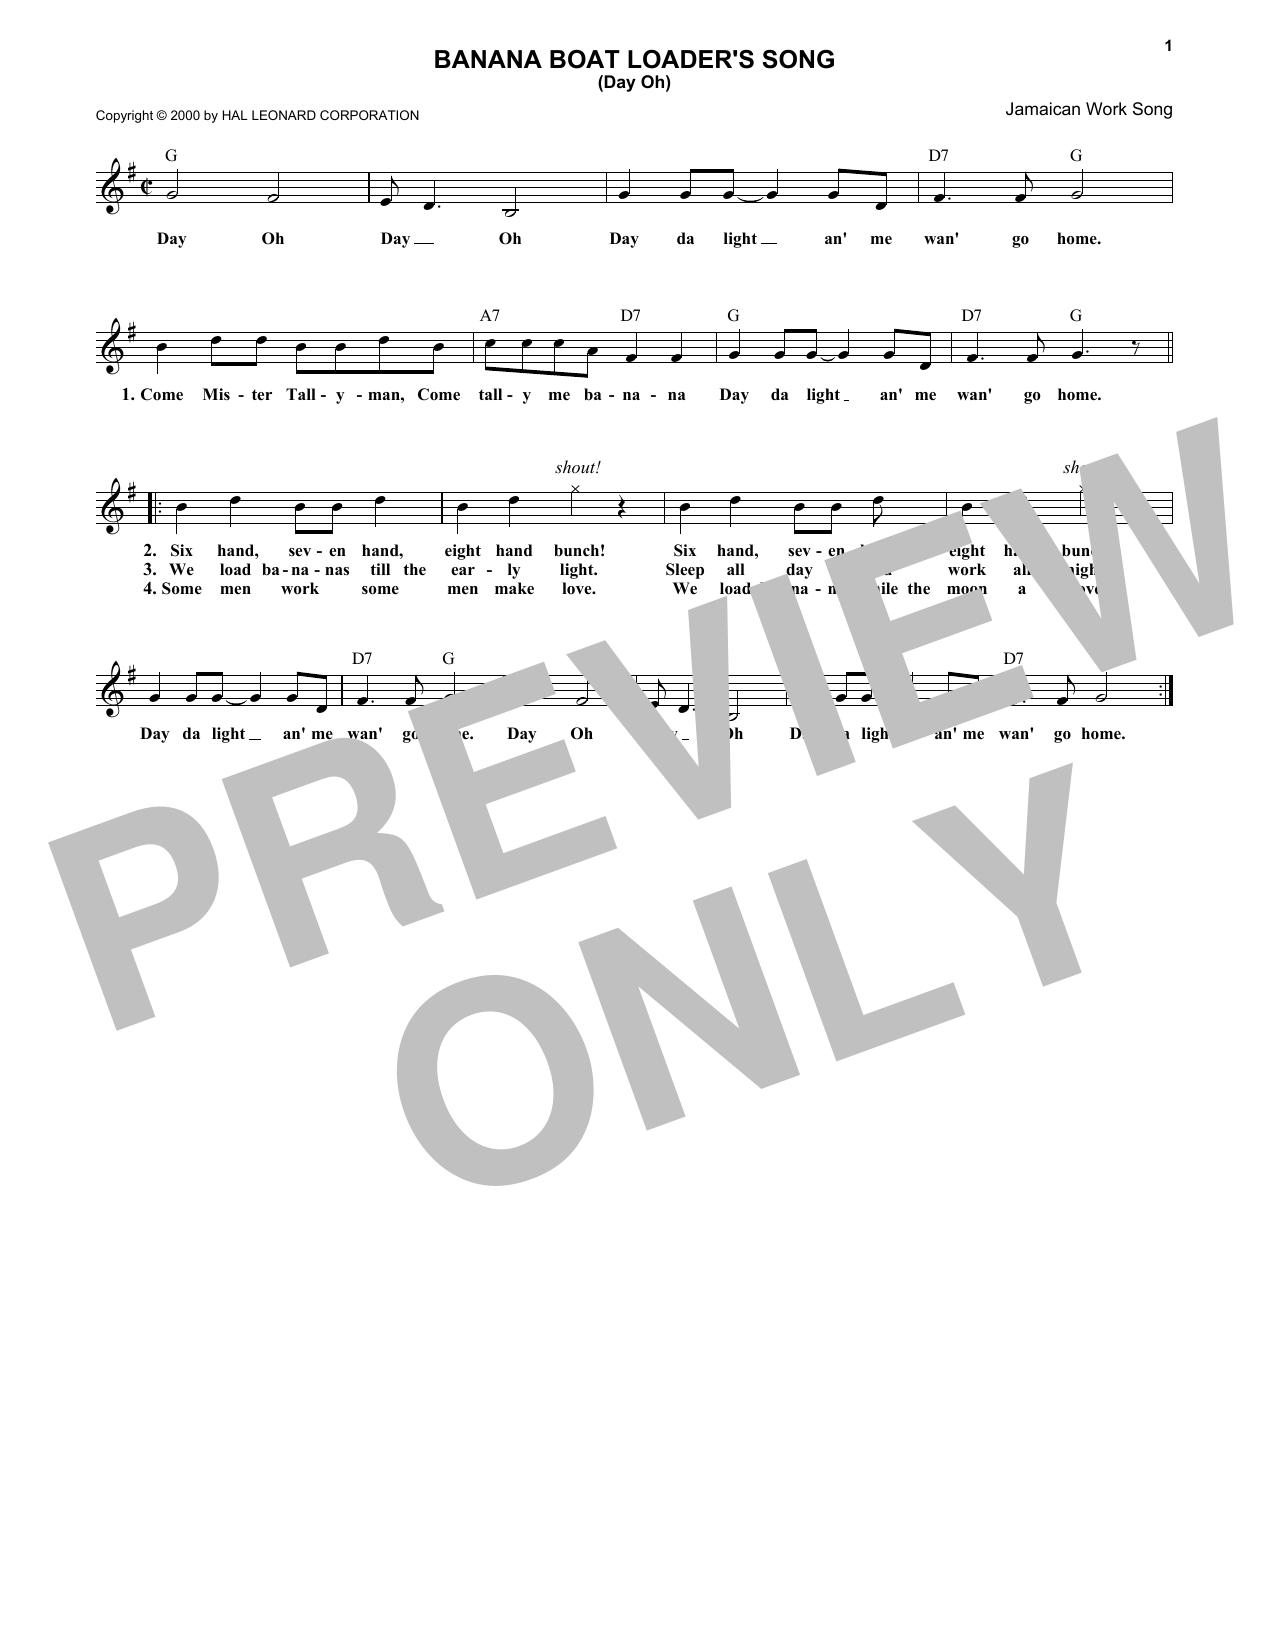 Jamaican Work Song 'The Banana Boat Song' Sheet Music Notes, Chords |  Download Printable Melody Line, Lyrics & Chords - SKU: 174001